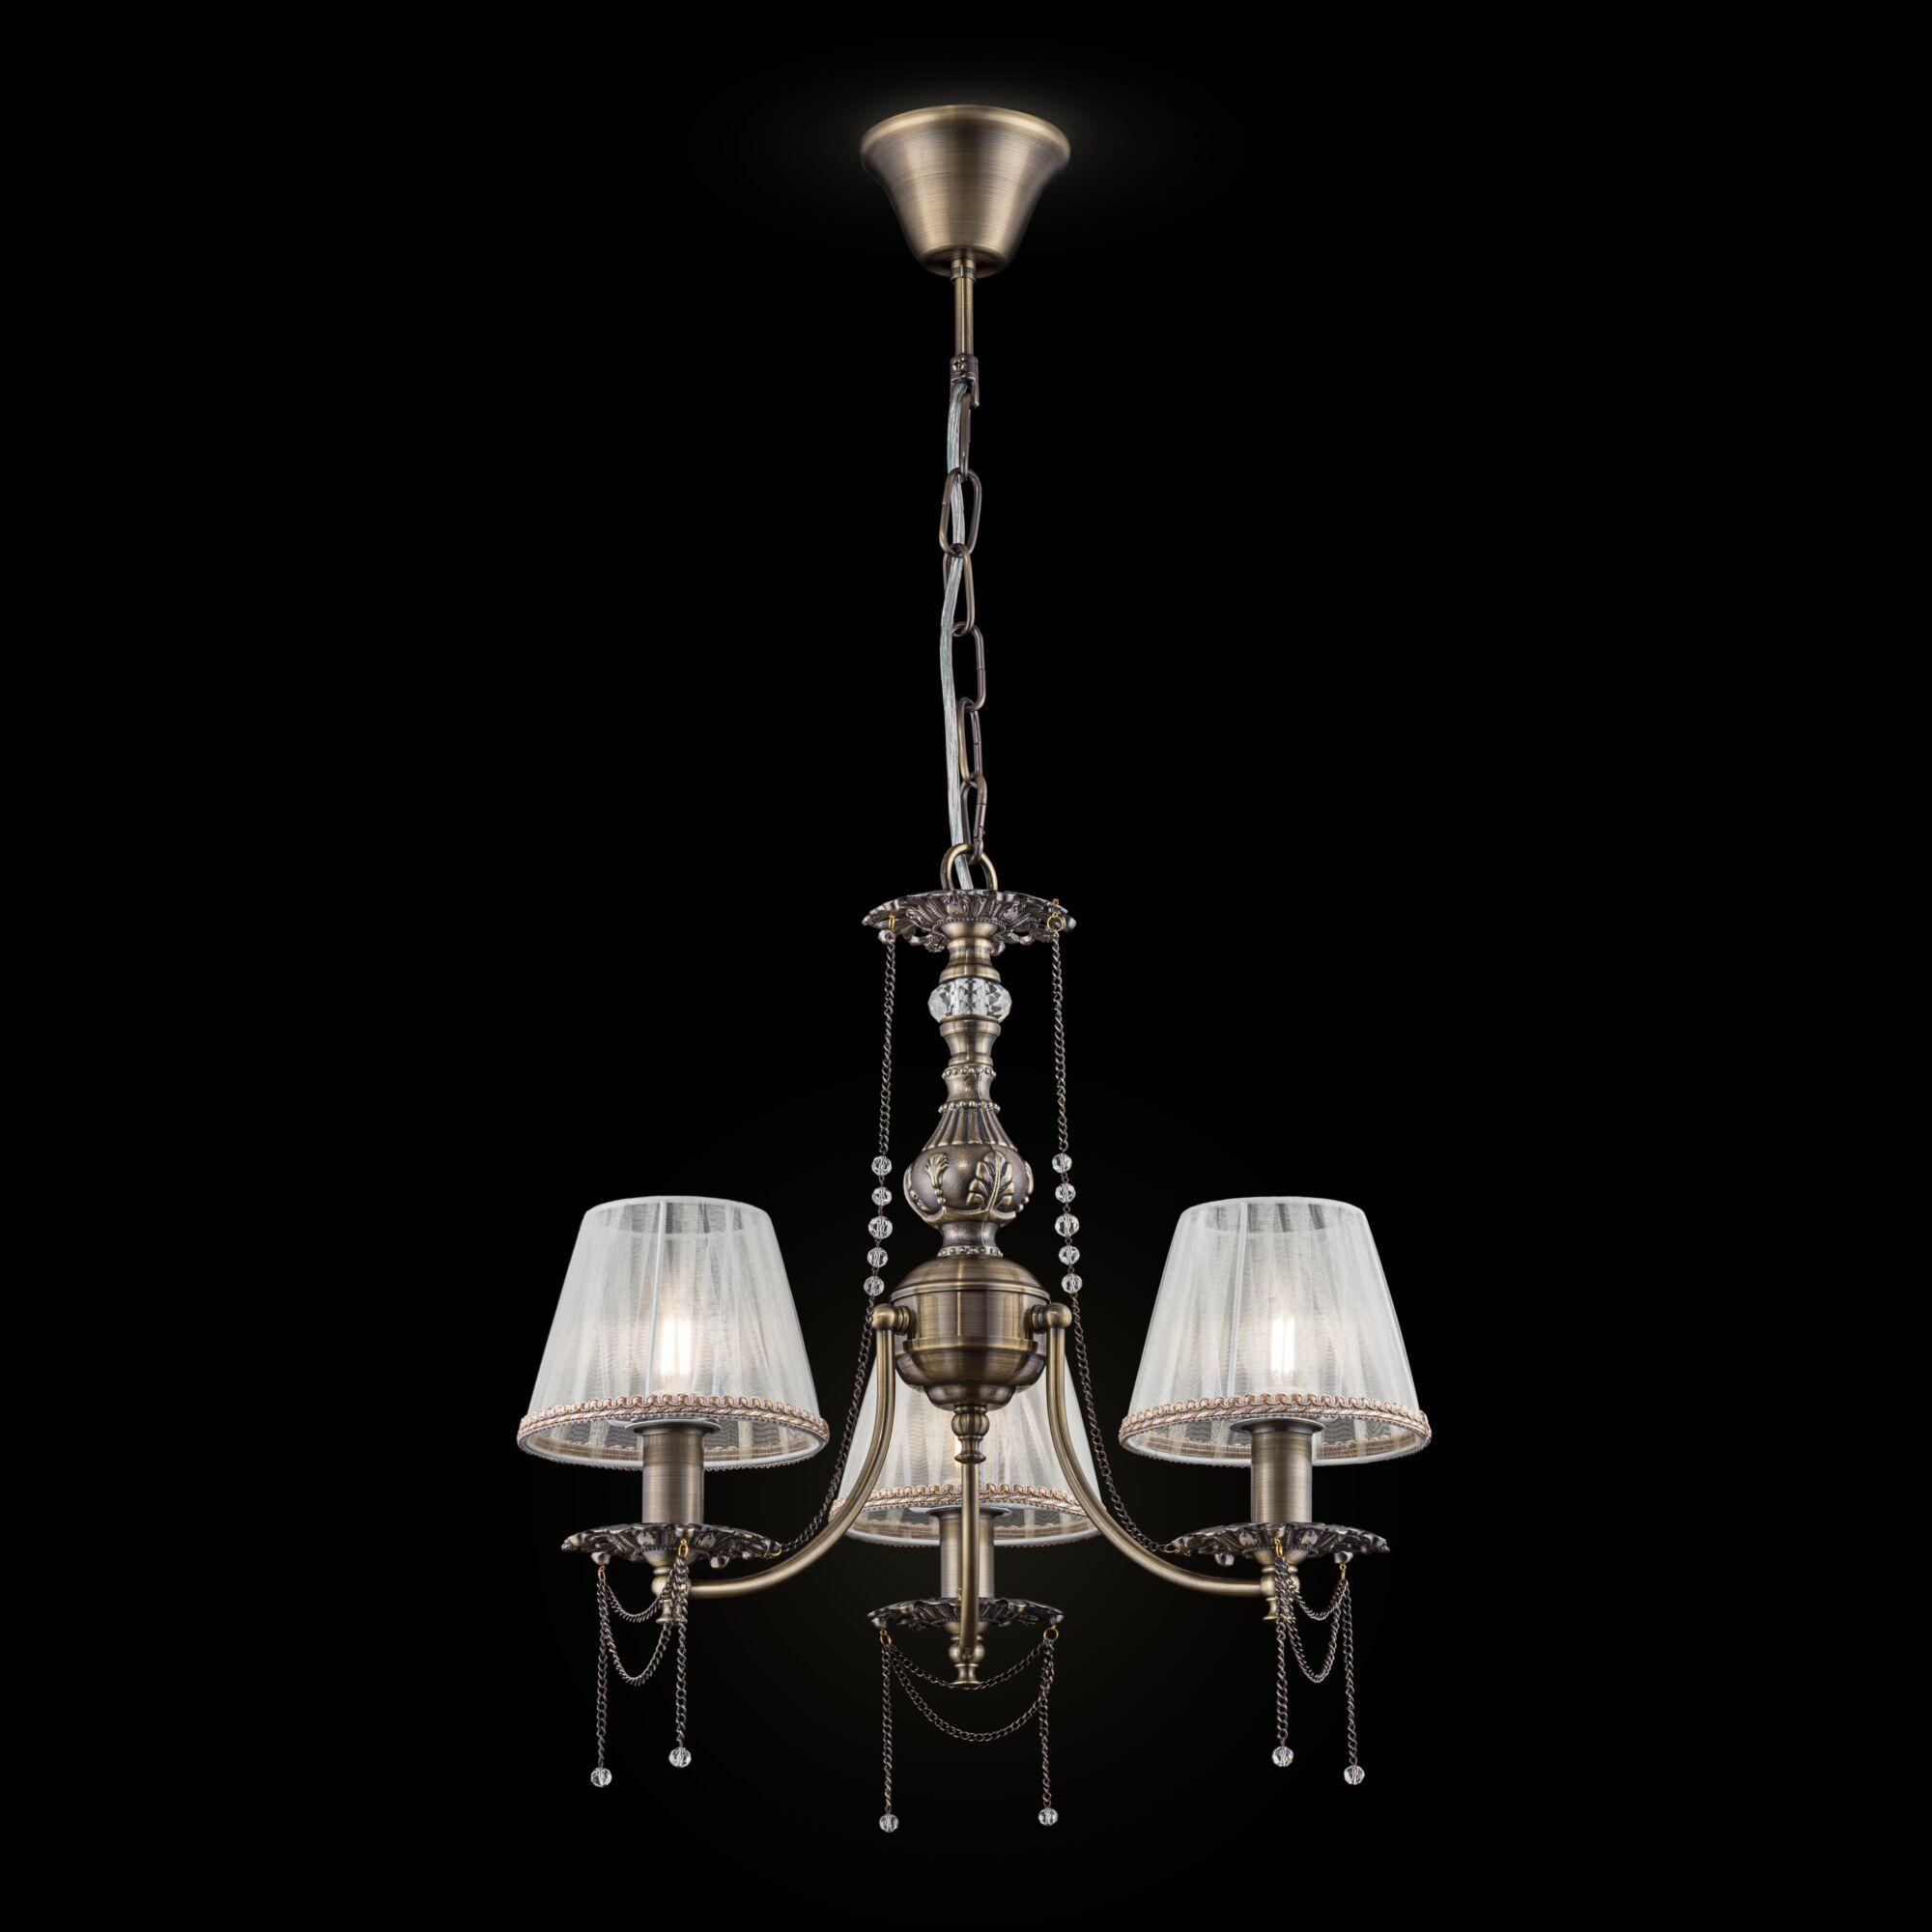 Подвесная люстра Maytoni Royal Classic Rapsodi RC305-PL-03-R (arm305-03-r), 3xE14x40W, бронза, белый, прозрачный, металл, текстиль, металл со стеклом - фото 2